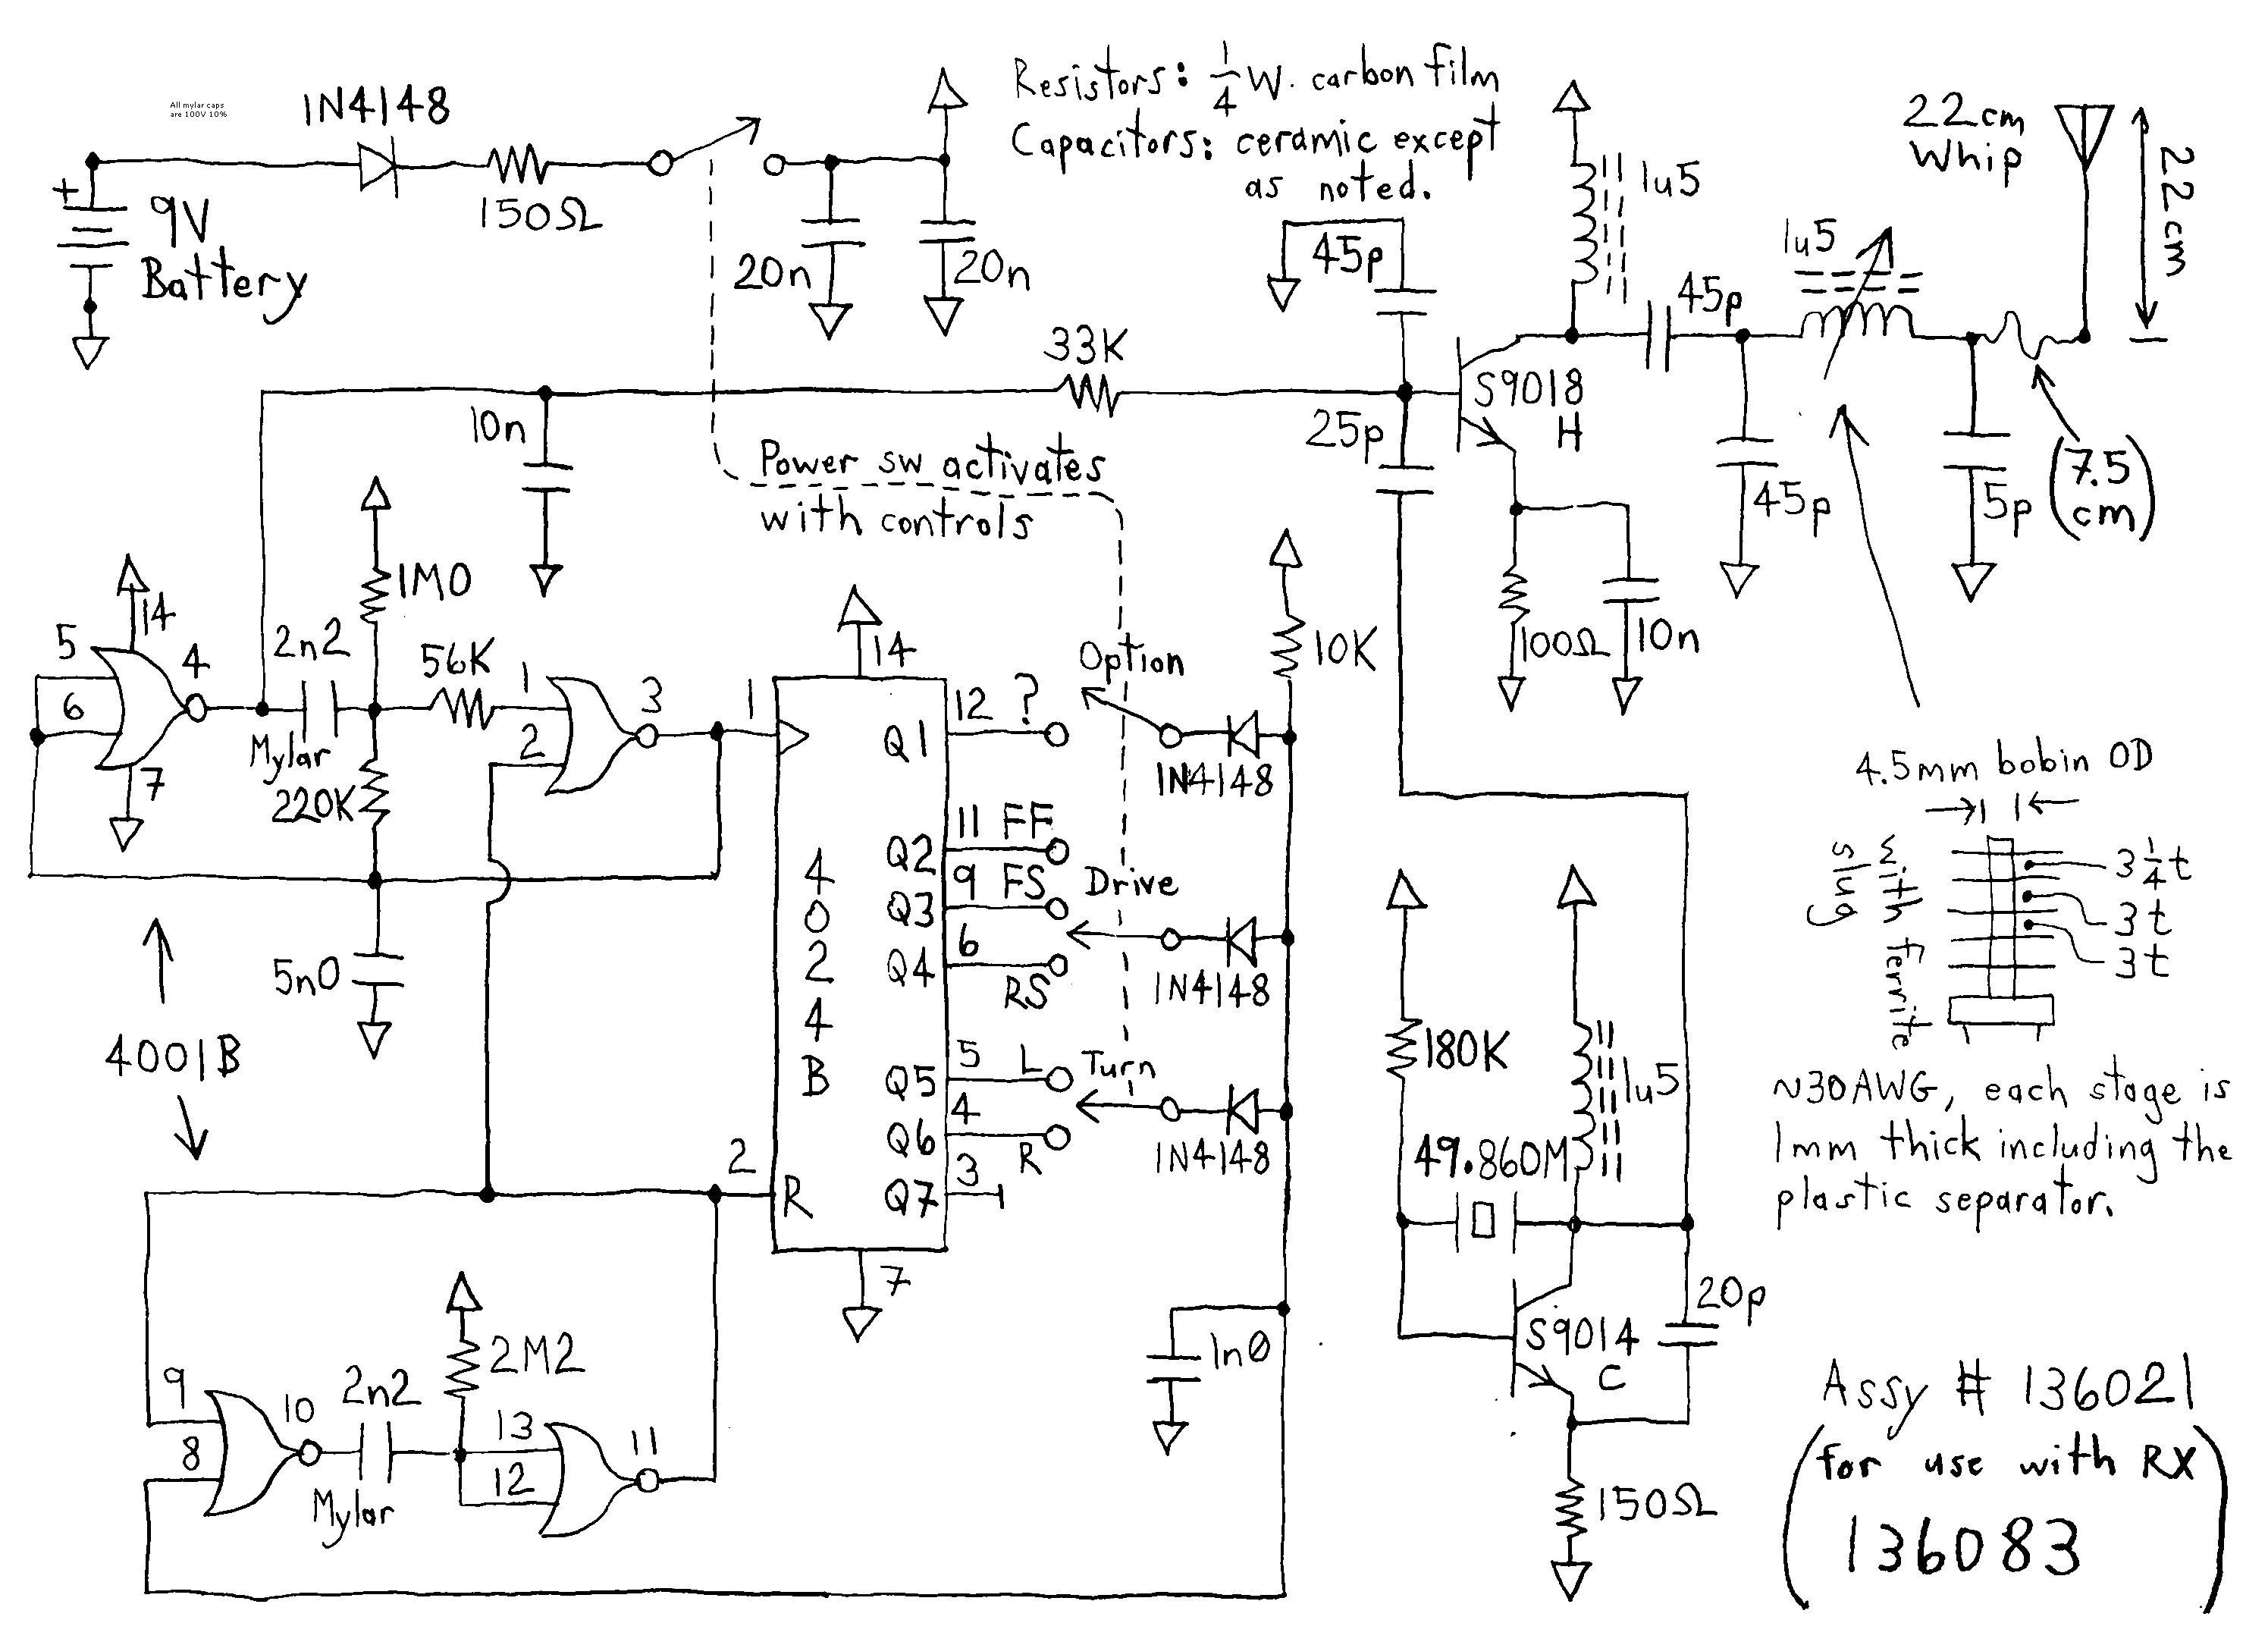 cm wiring diagram manual e book cm hoist wiring diagram wiring diagramcm hoist wiring diagram wiring diagram for car hoist inspirationa